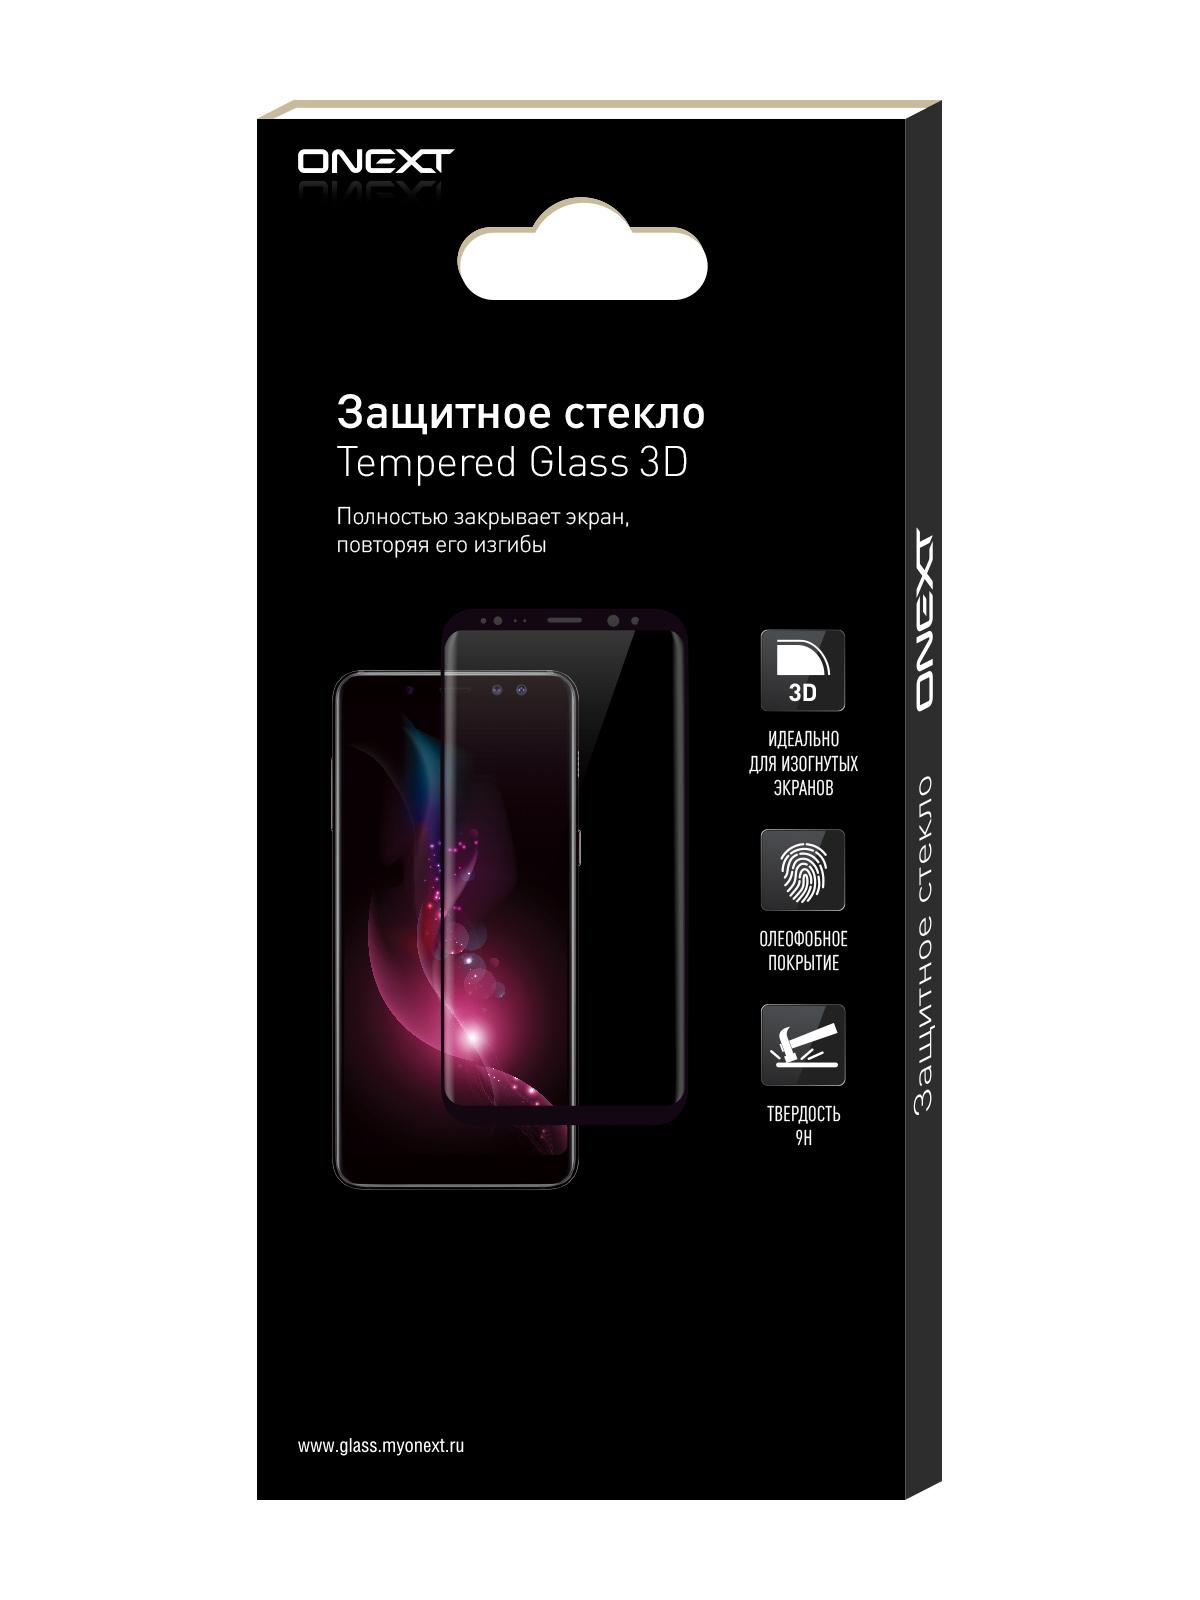 Защитное стекло ONEXT для Samsung Galaxy S6 Edge Gold